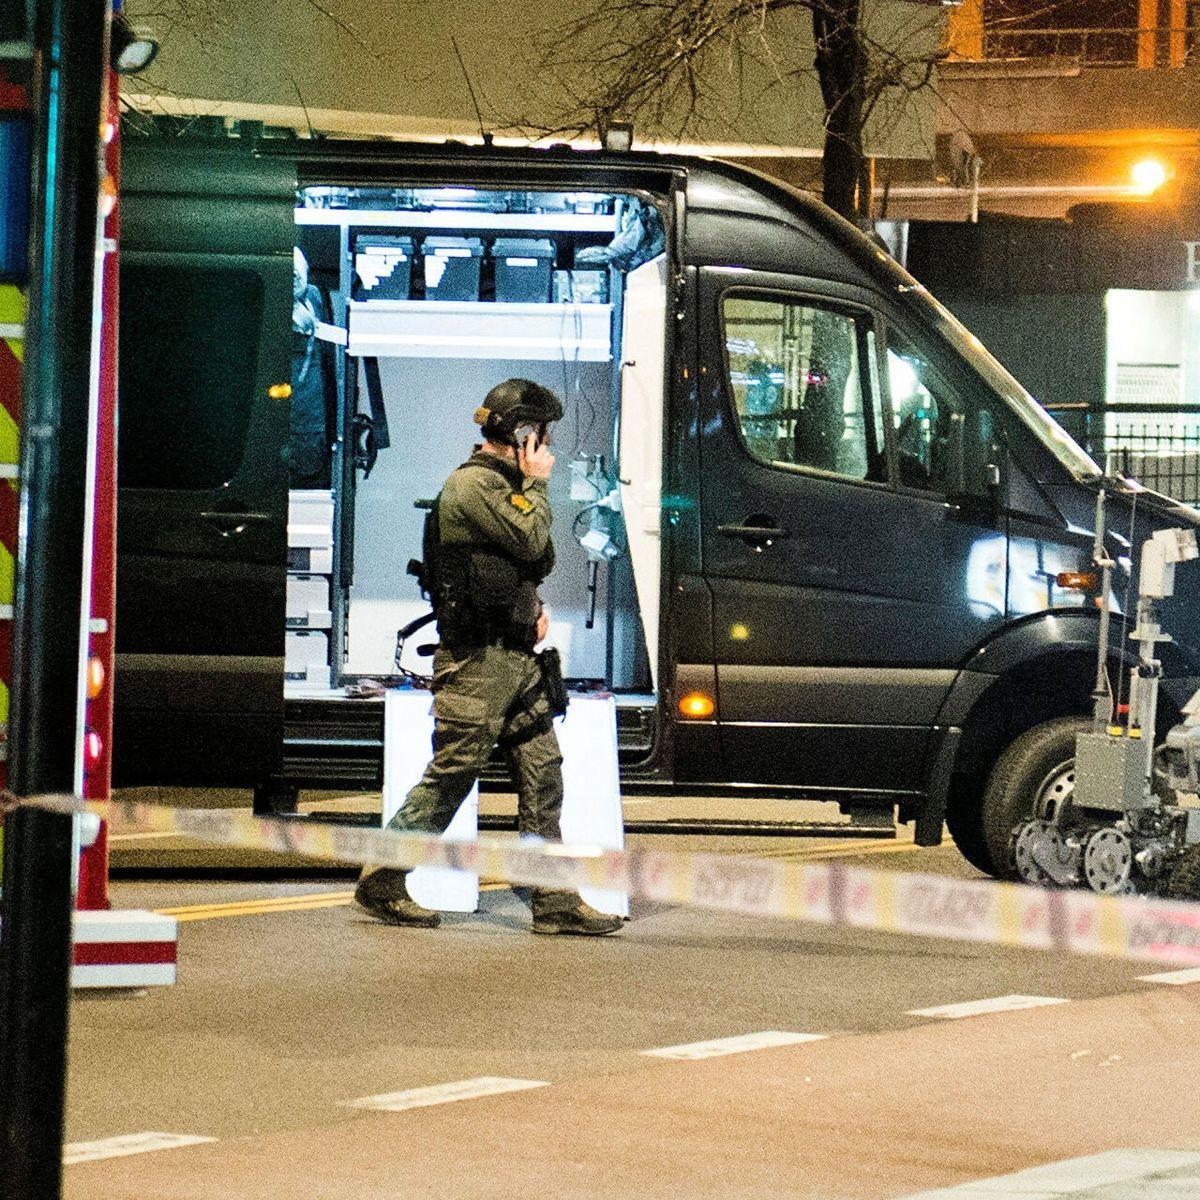 حمله یک فرد مسلح/ چندین نفر کشته و زخمی شدند